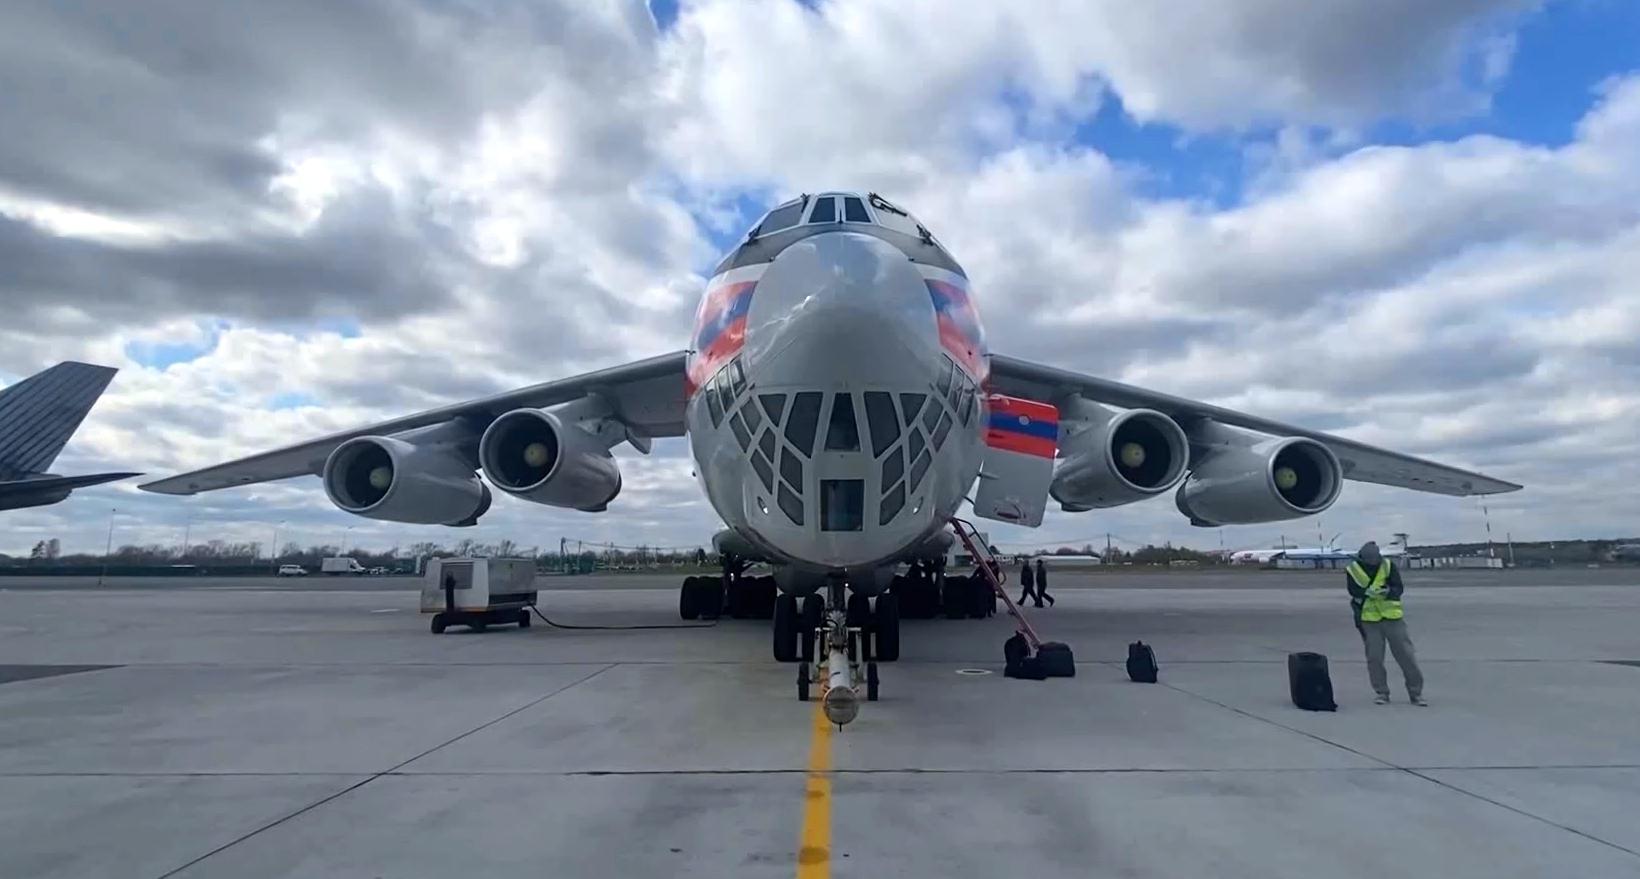 روسيا توصل مساعدات إنسانية إلى الهند